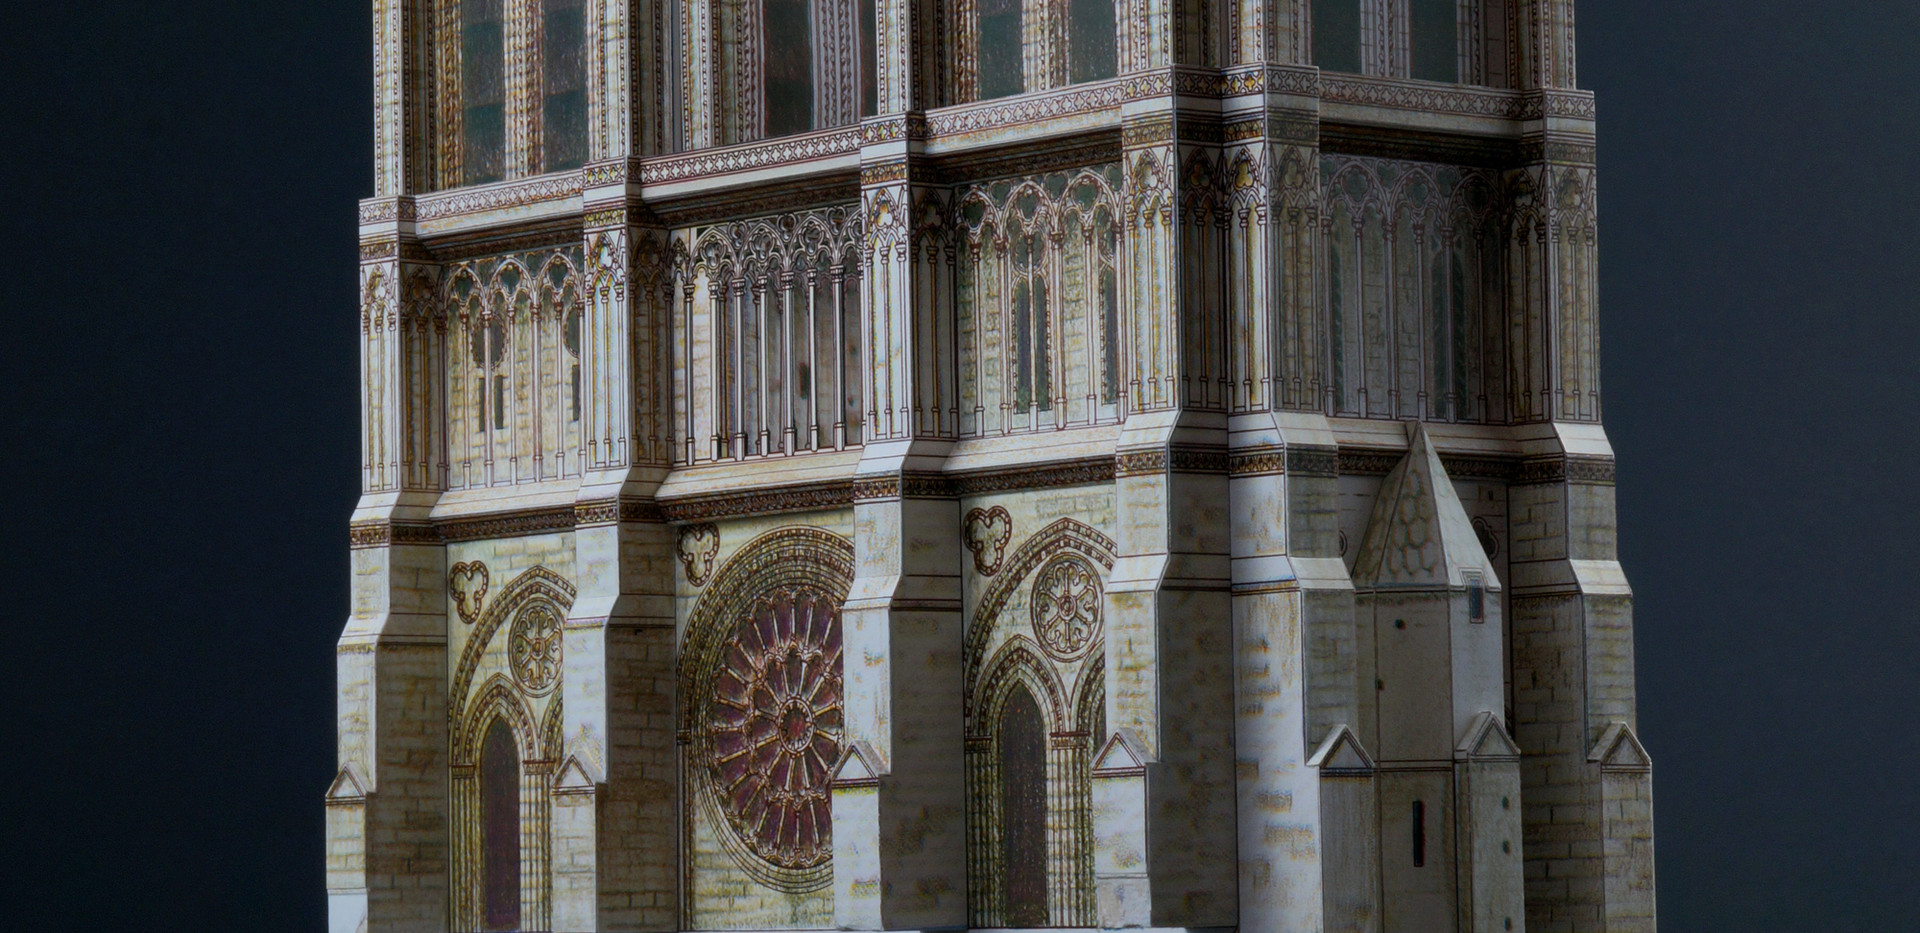 Wieże z przyporami, gzymsami i galeriami przygotowane na wstawienie parteru z portalami.